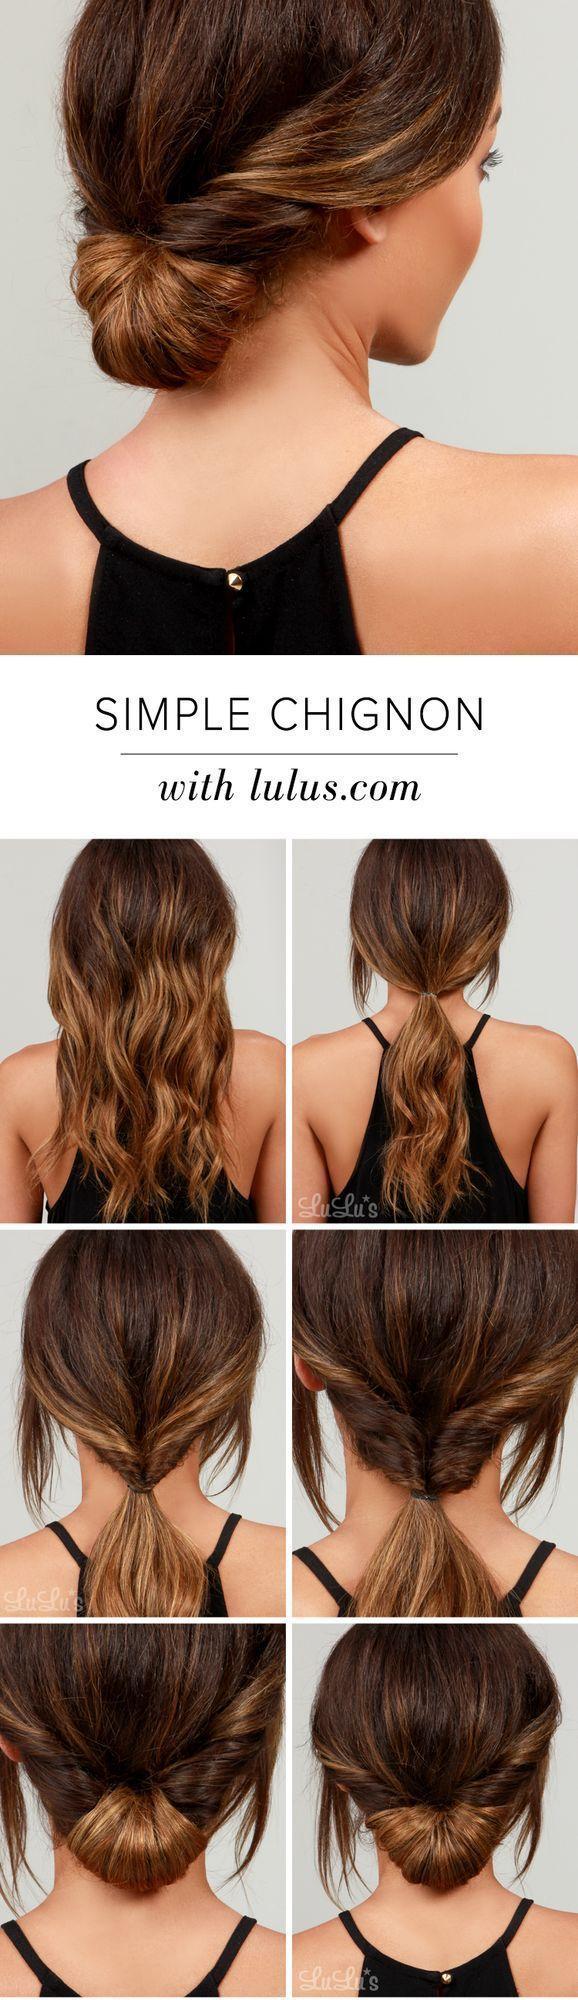 Es klassisch, schick und einfach zu halten, das ist alles, was unser Chignon-Haar-Tutorial zu